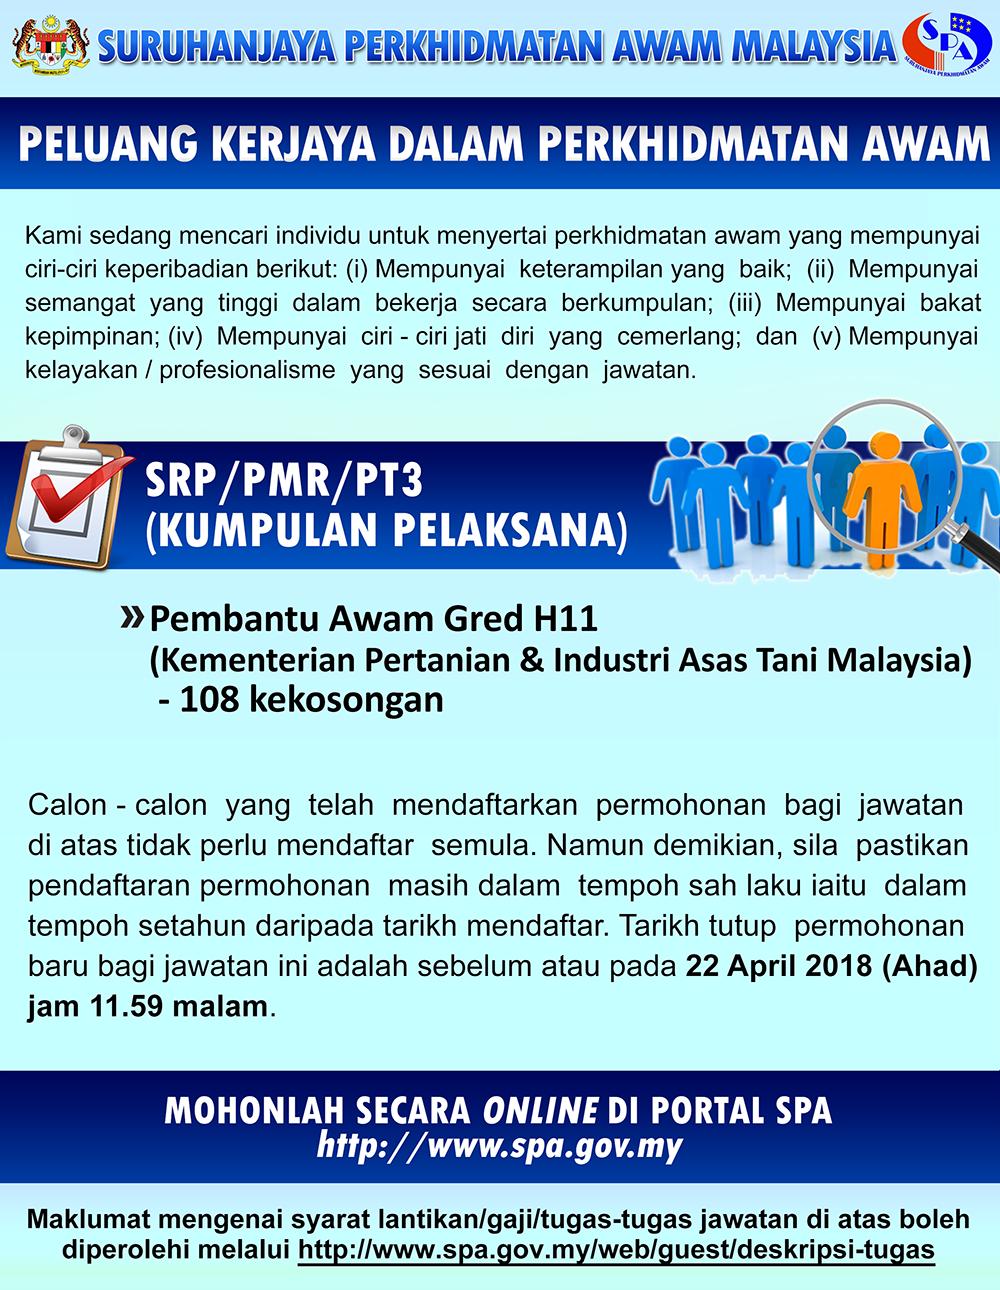 Jawatan Kosong Pembantu Awam Gred H11 Kelayakan Srp Pmr Pt3